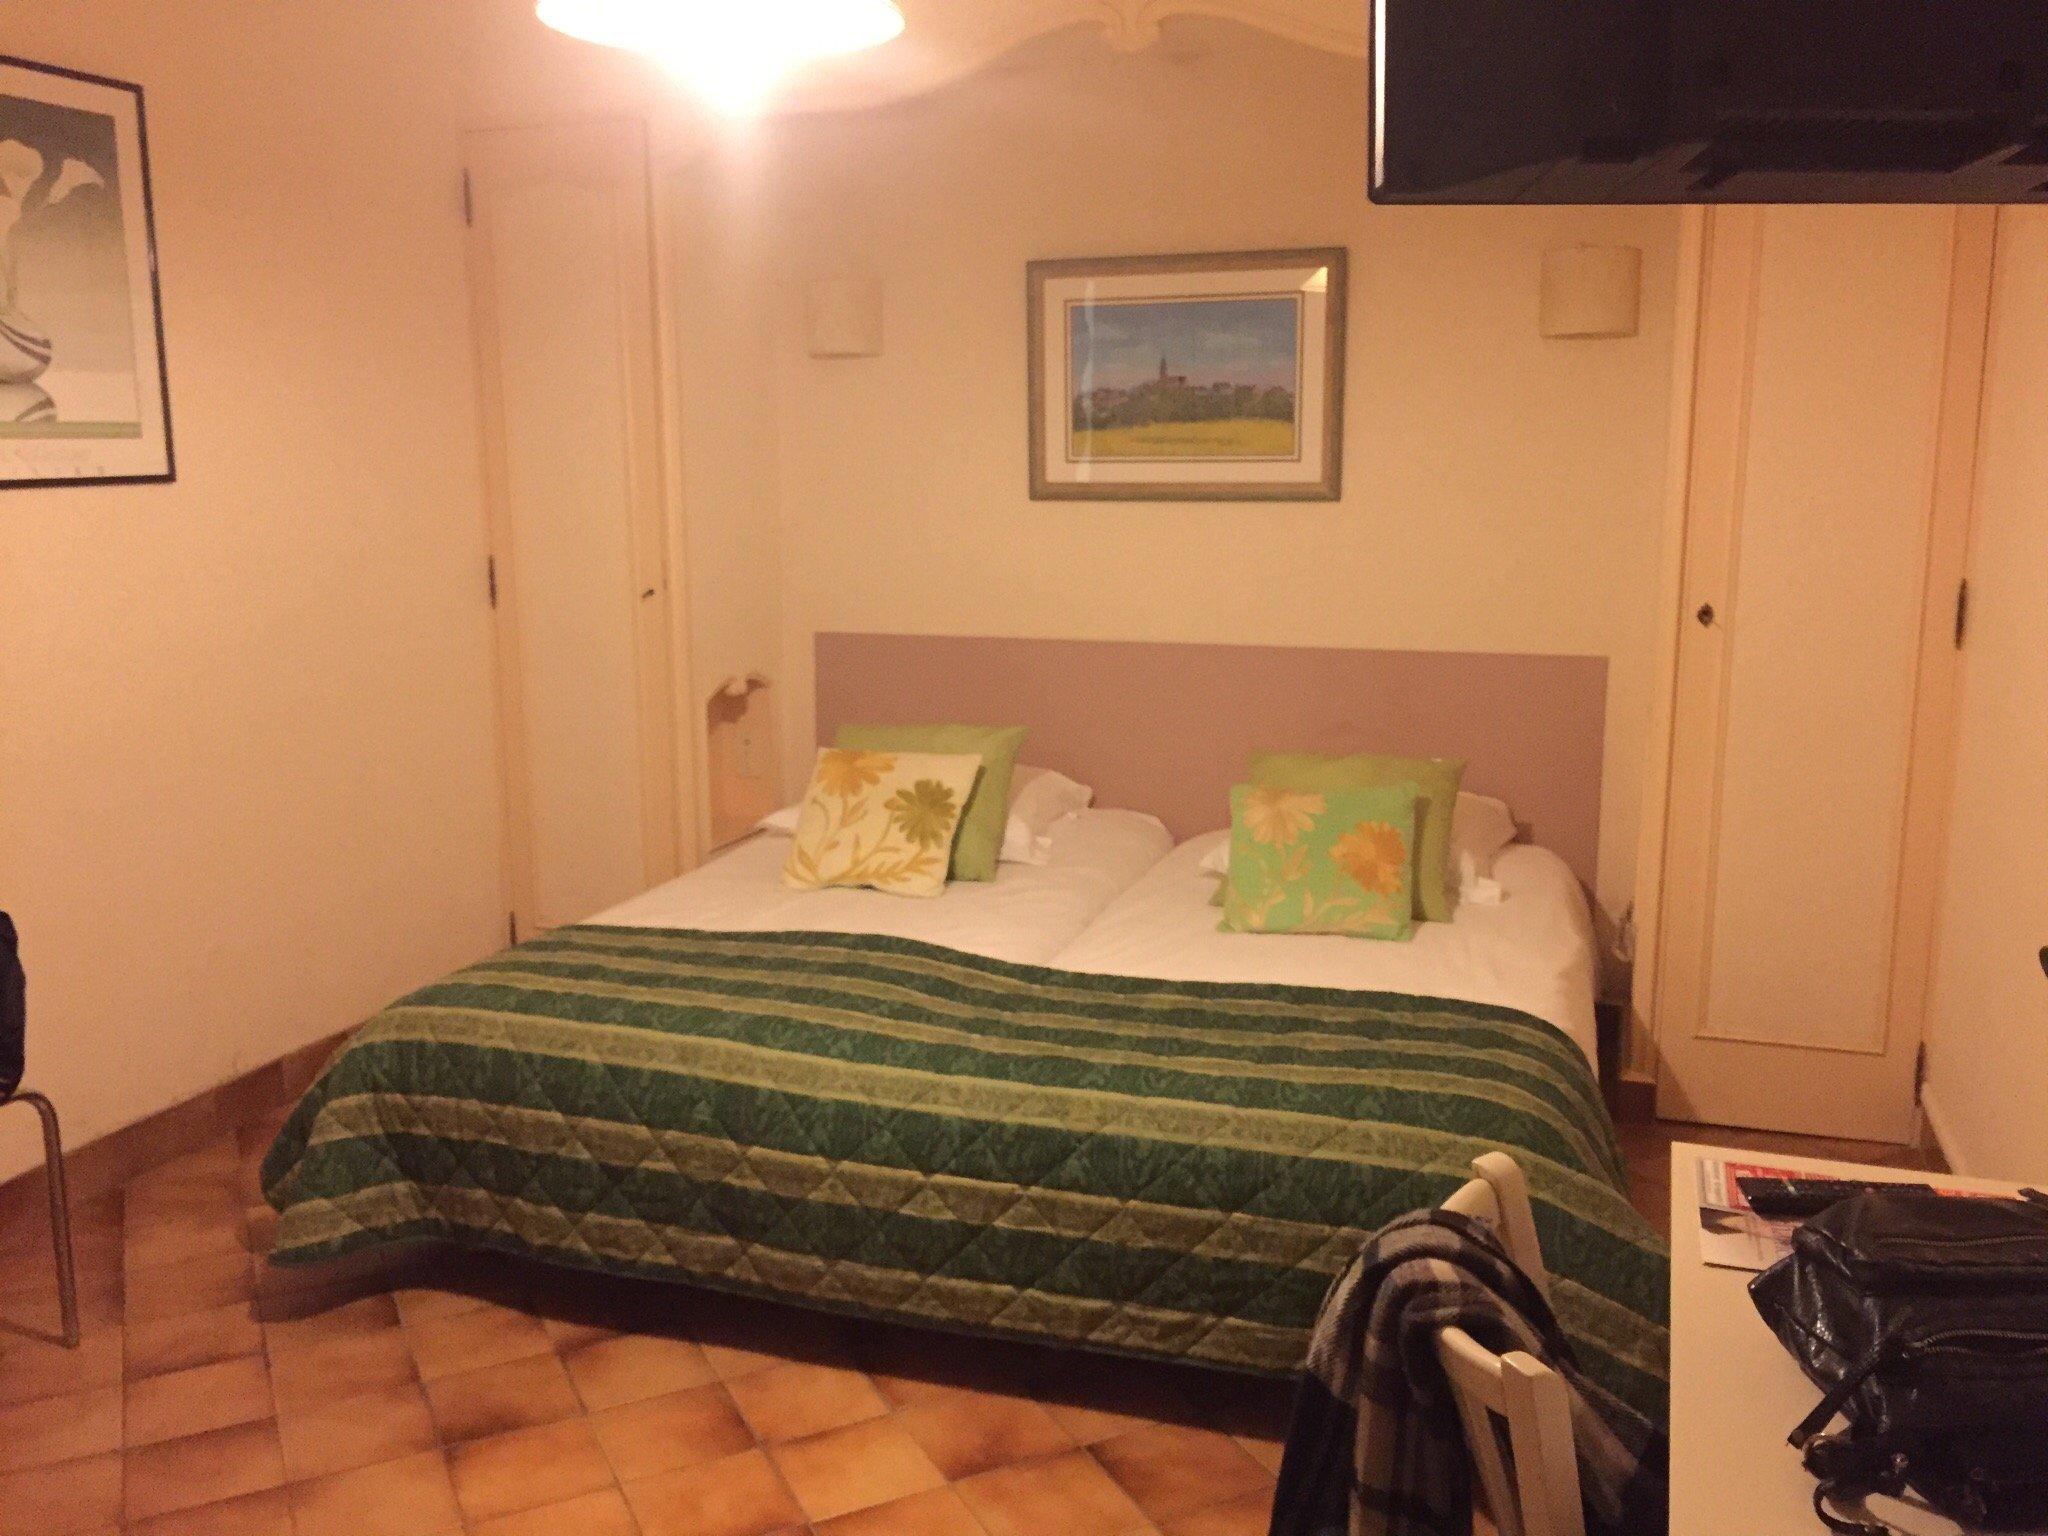 Europ Hotel La Gacilly voir les tarifs 28 avis et 14 photos